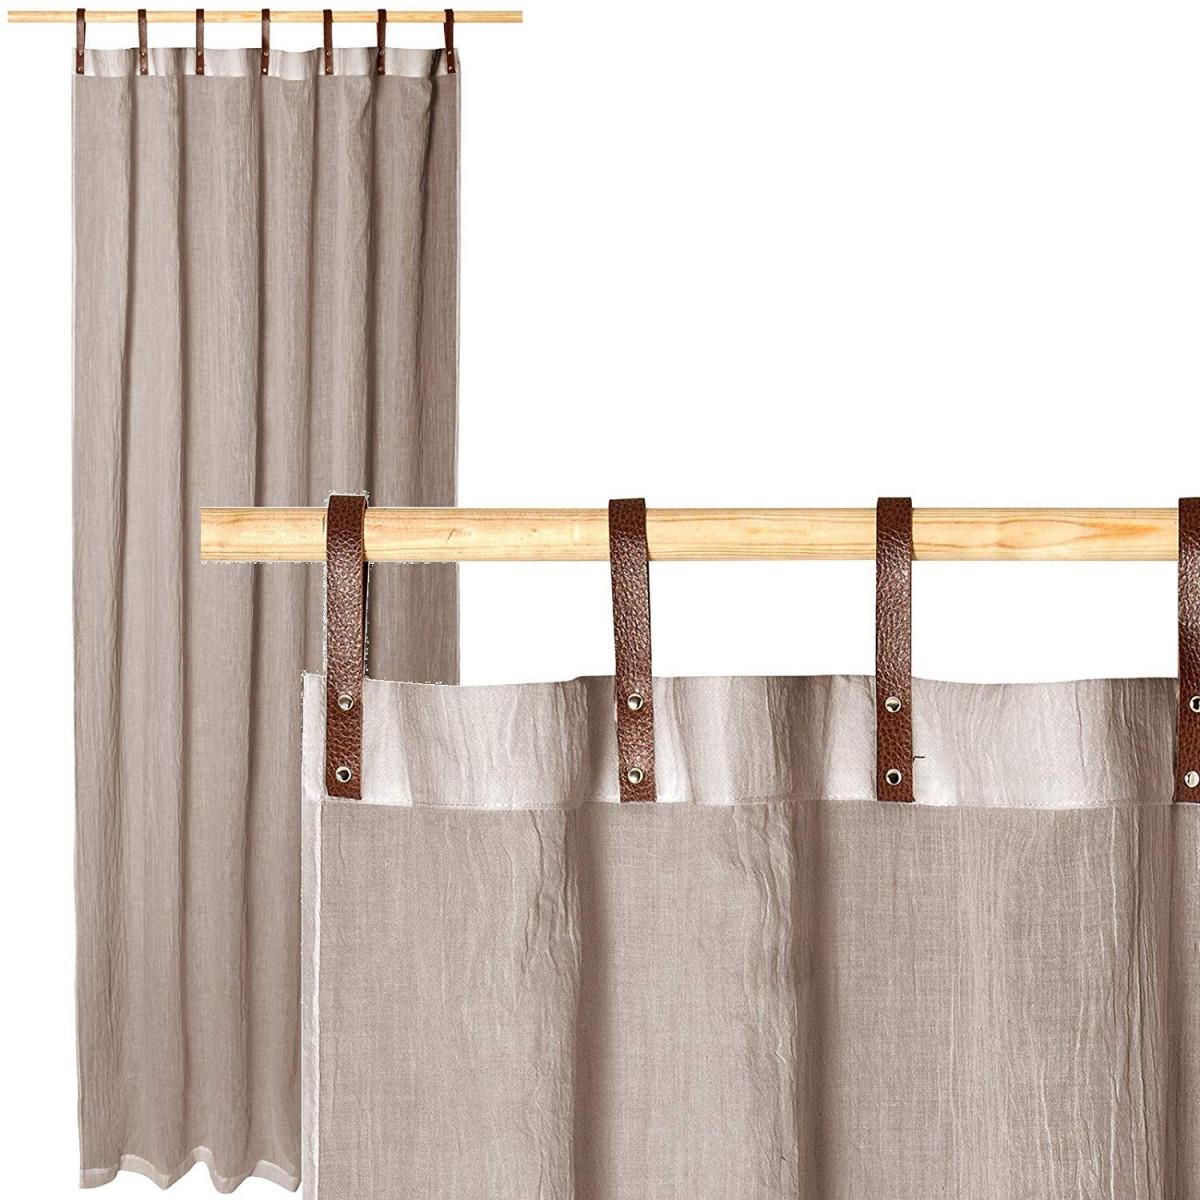 Vorhang Ideen Vorhänge Finden Mit Schlaufen Küche von Gardinen Wohnzimmer Mit Schlaufen Bild